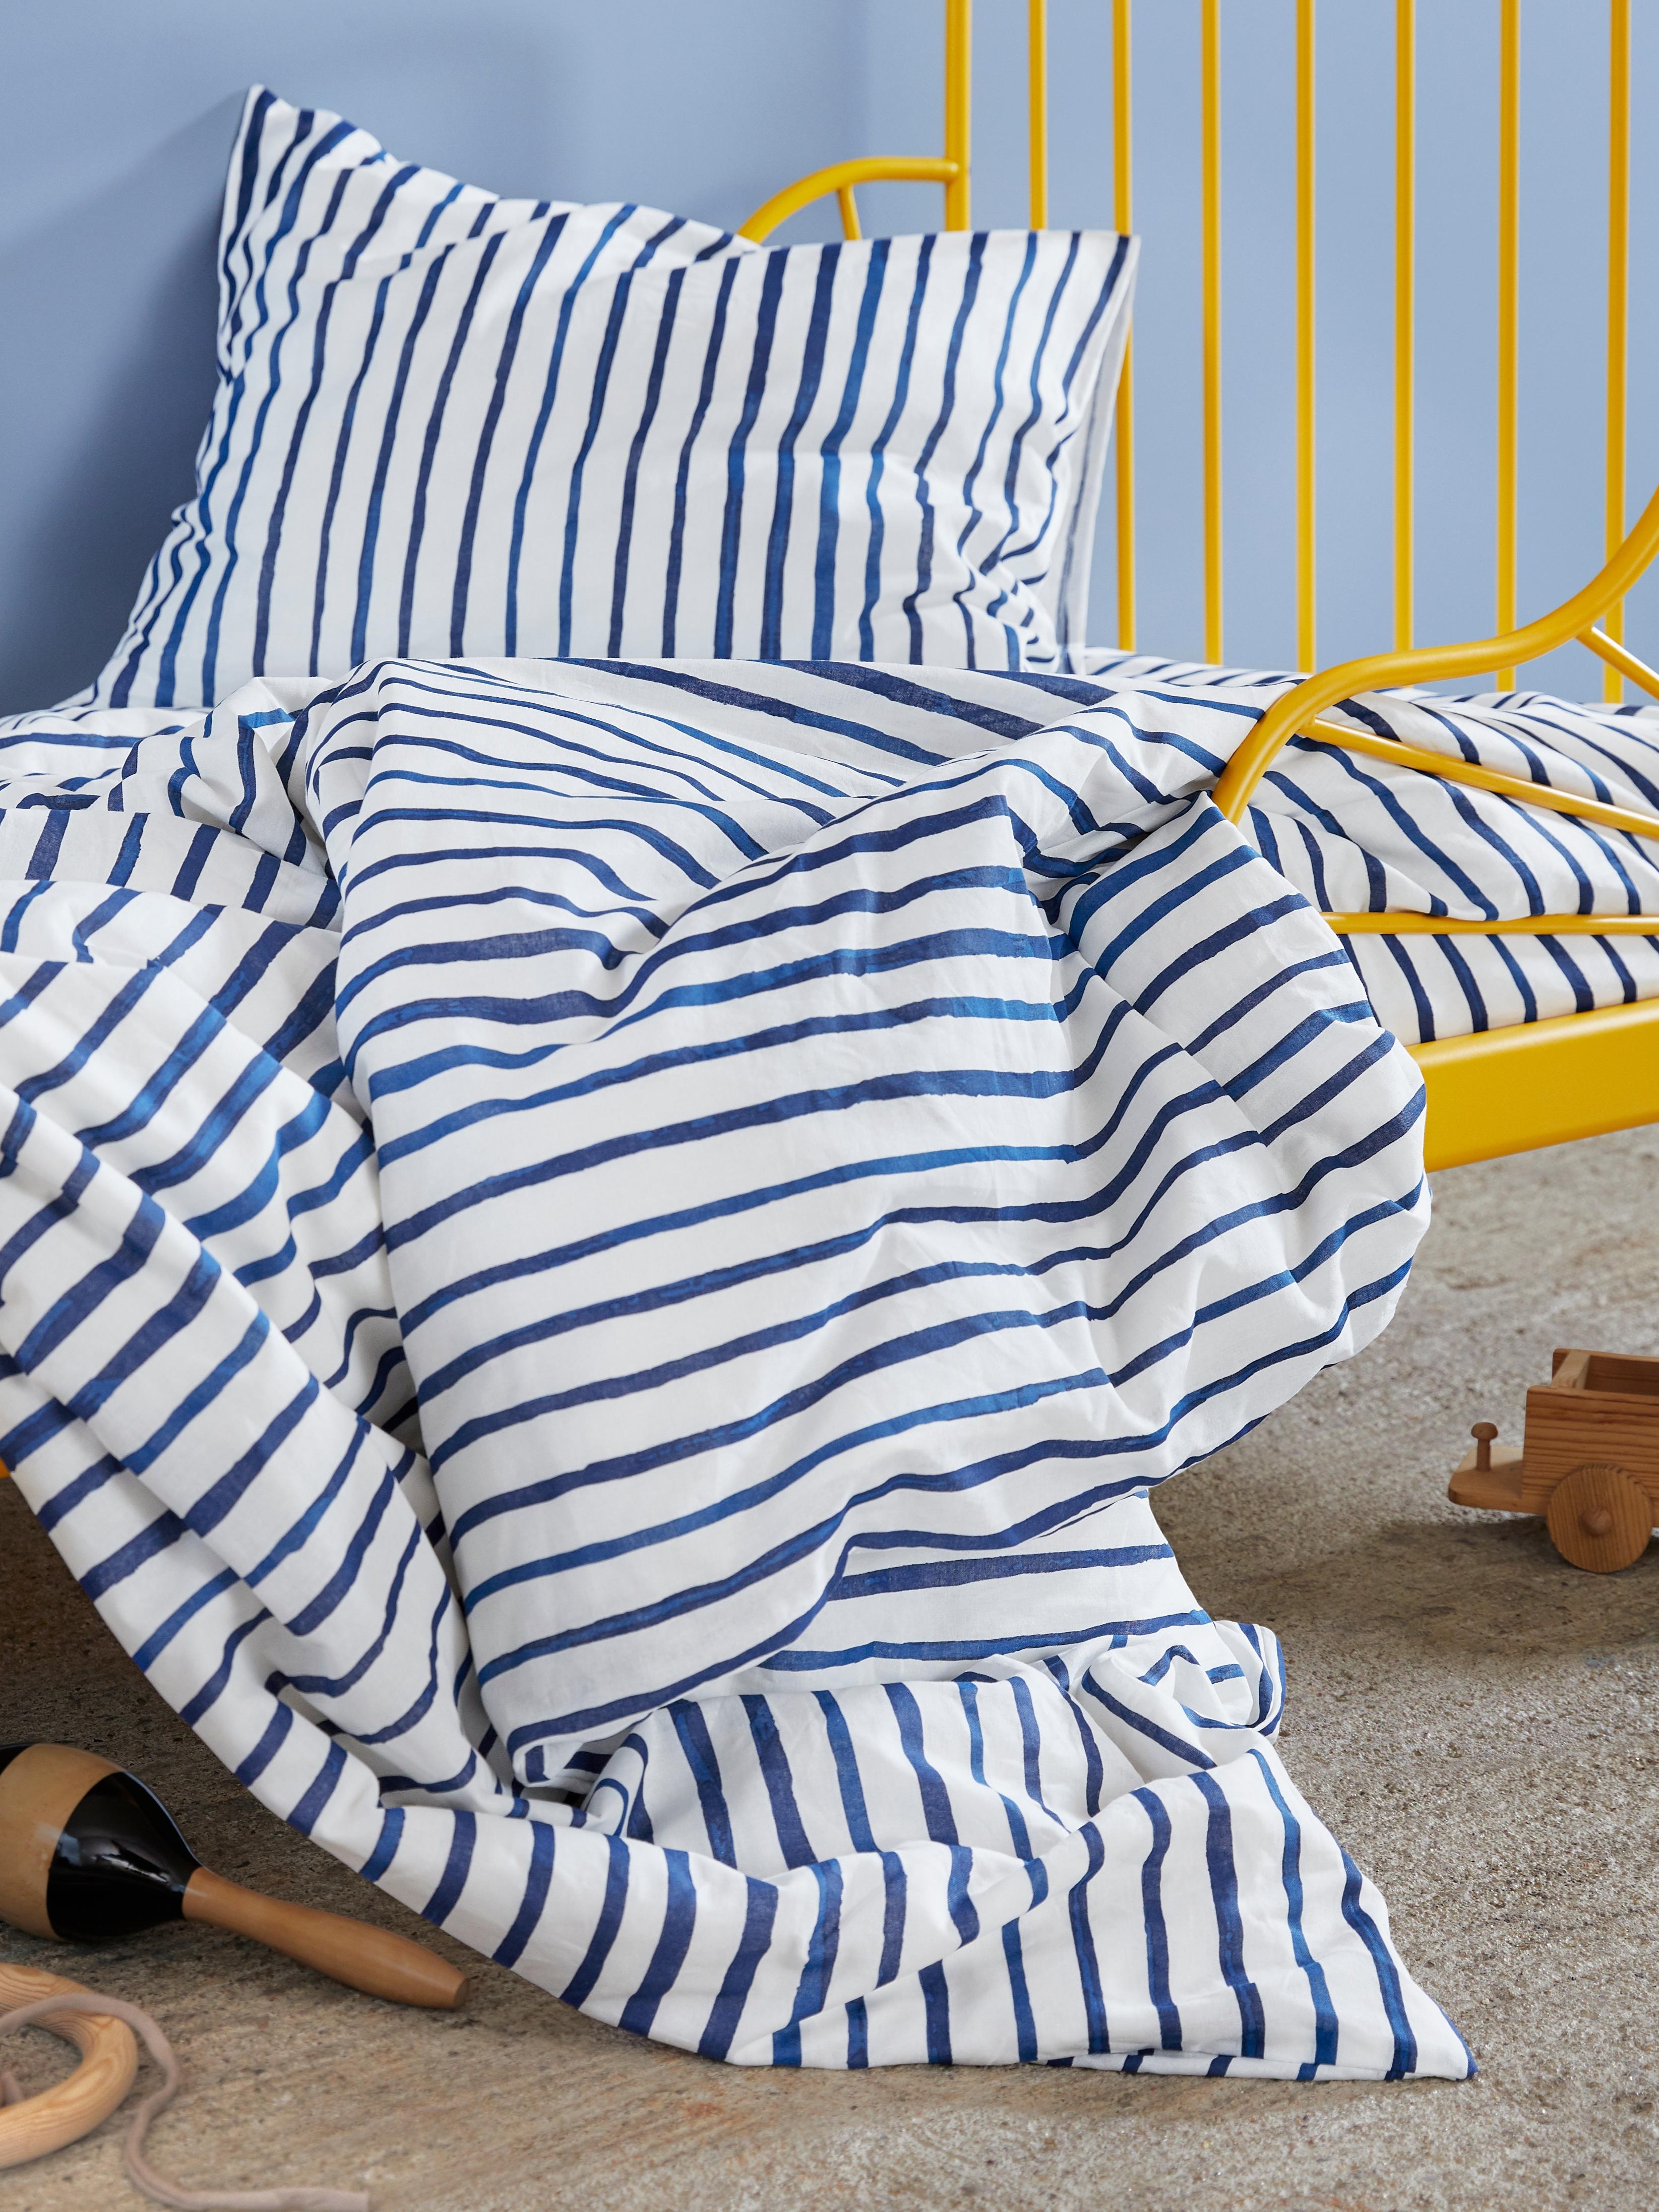 Nekoliko igračaka na tepihu ispod okvira dečjeg kreveta na kom se nalaze prugasta plavo-bela SÅNGLÄRKA jorganska navlaka i jastučnica.